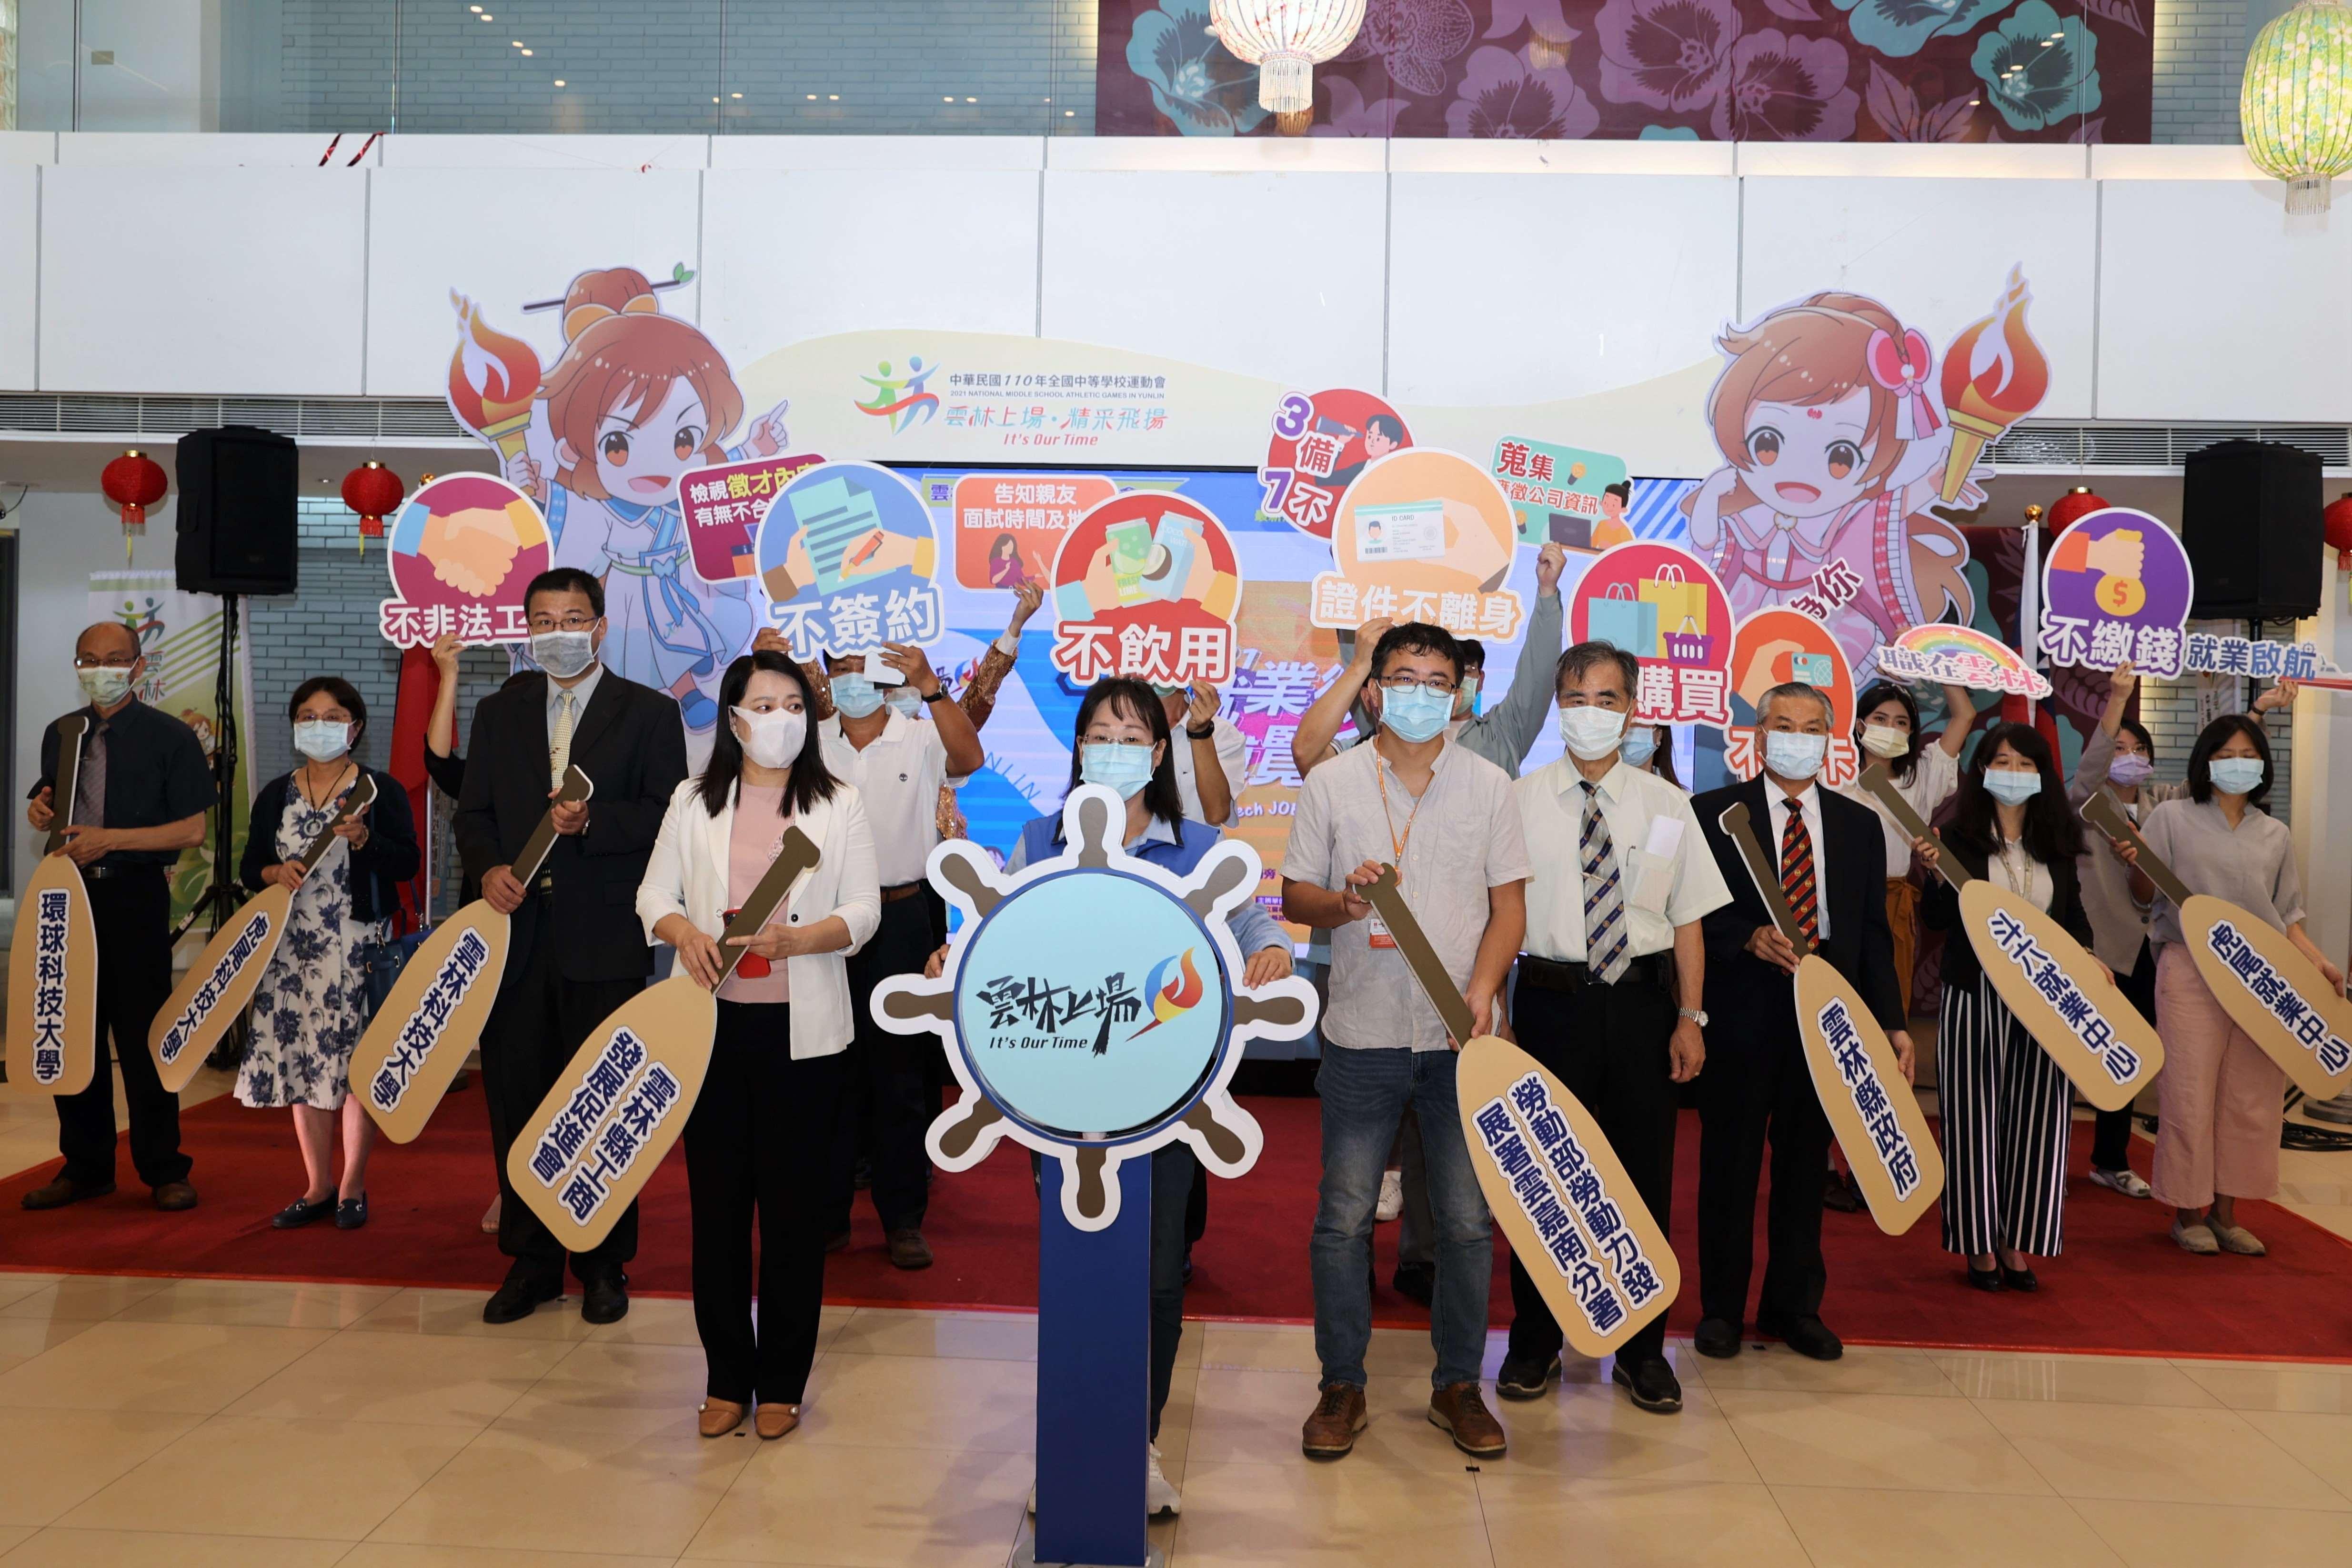 雲林縣110年徵才活動接力登場 500家廠商釋出逾3萬個職缺